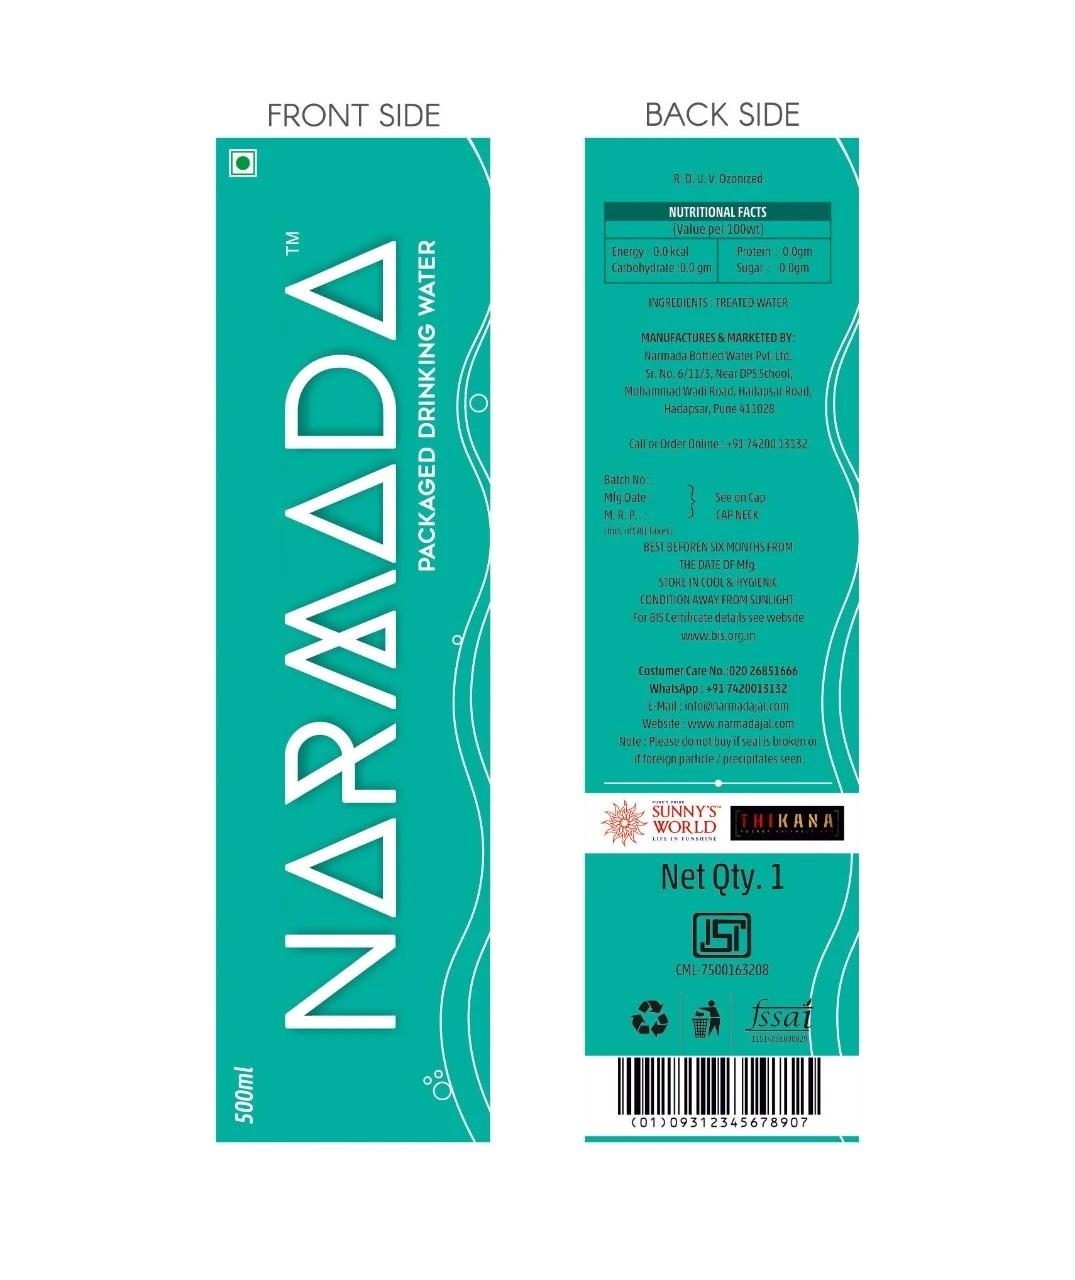 Bottle Label Design - Packaging Design